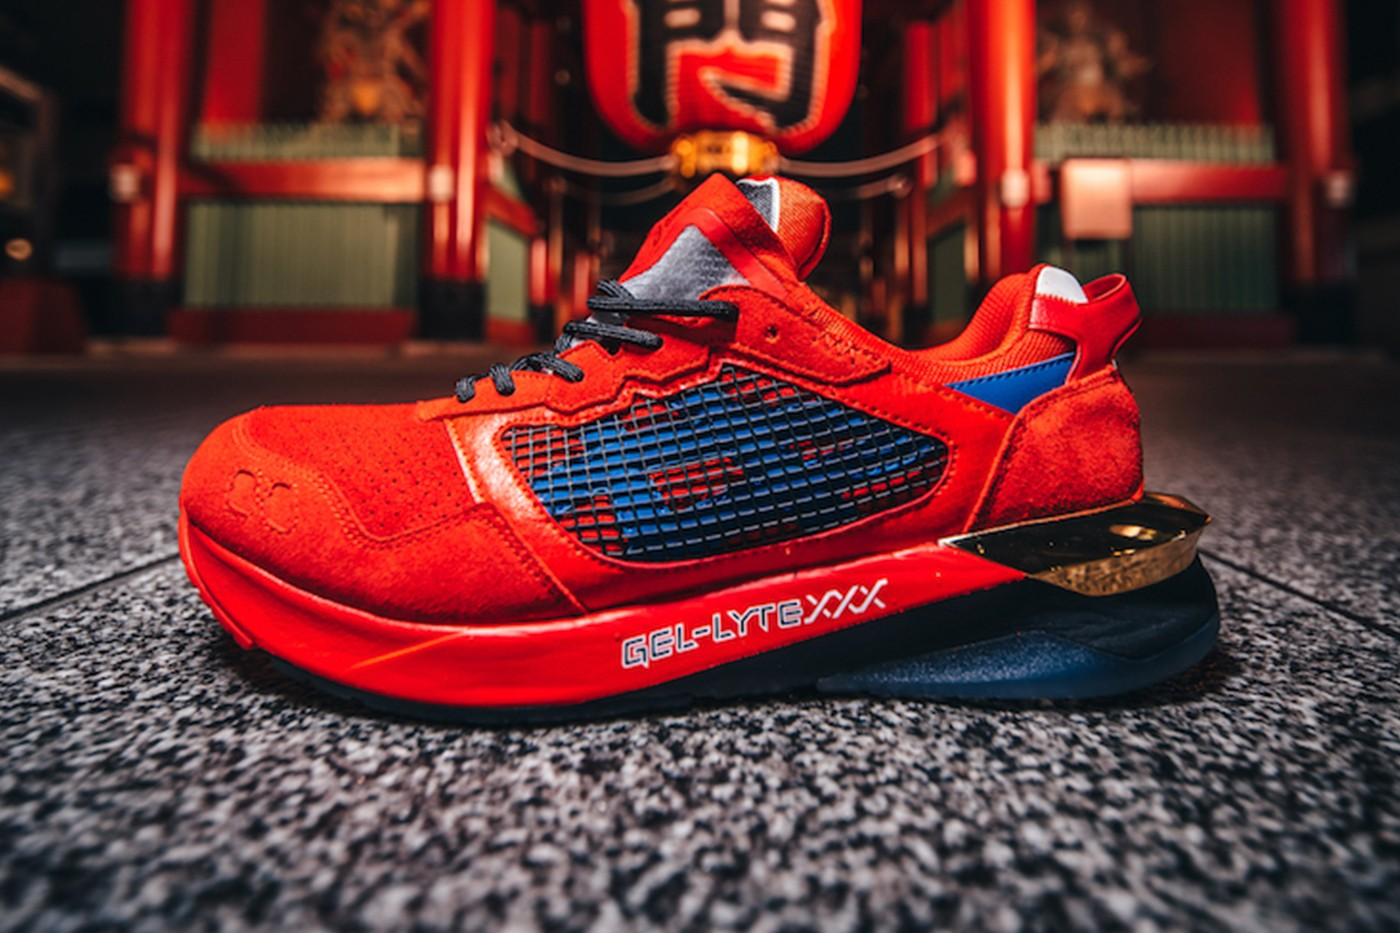 sneakerwolf x ASICS SportStyle GEL-LYTE